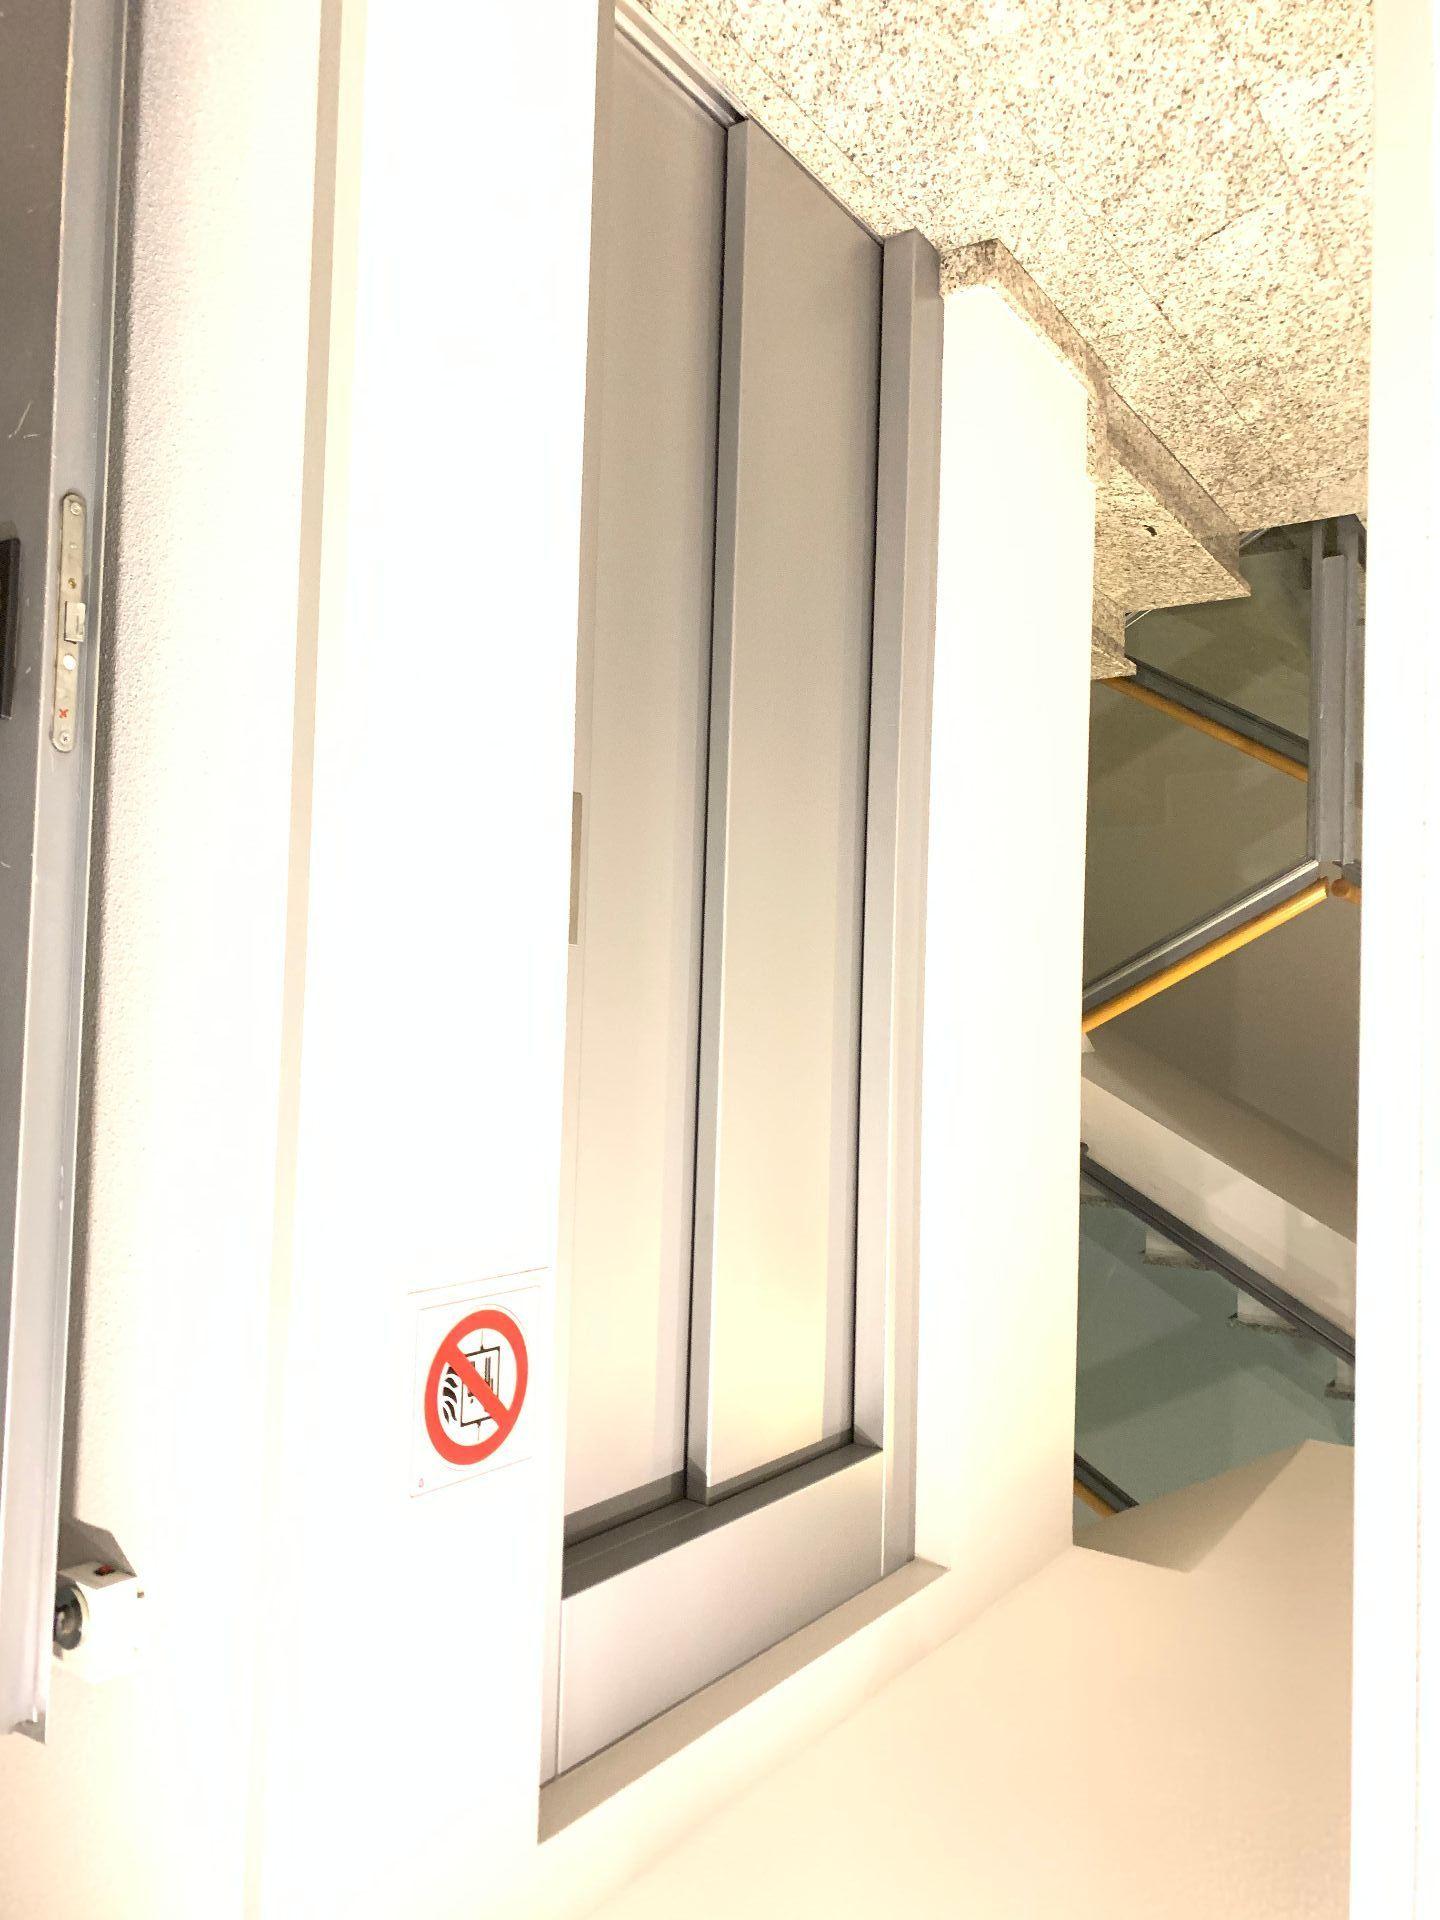 Meuble Salle De Bain Girona vente appartement à girona ascenseur